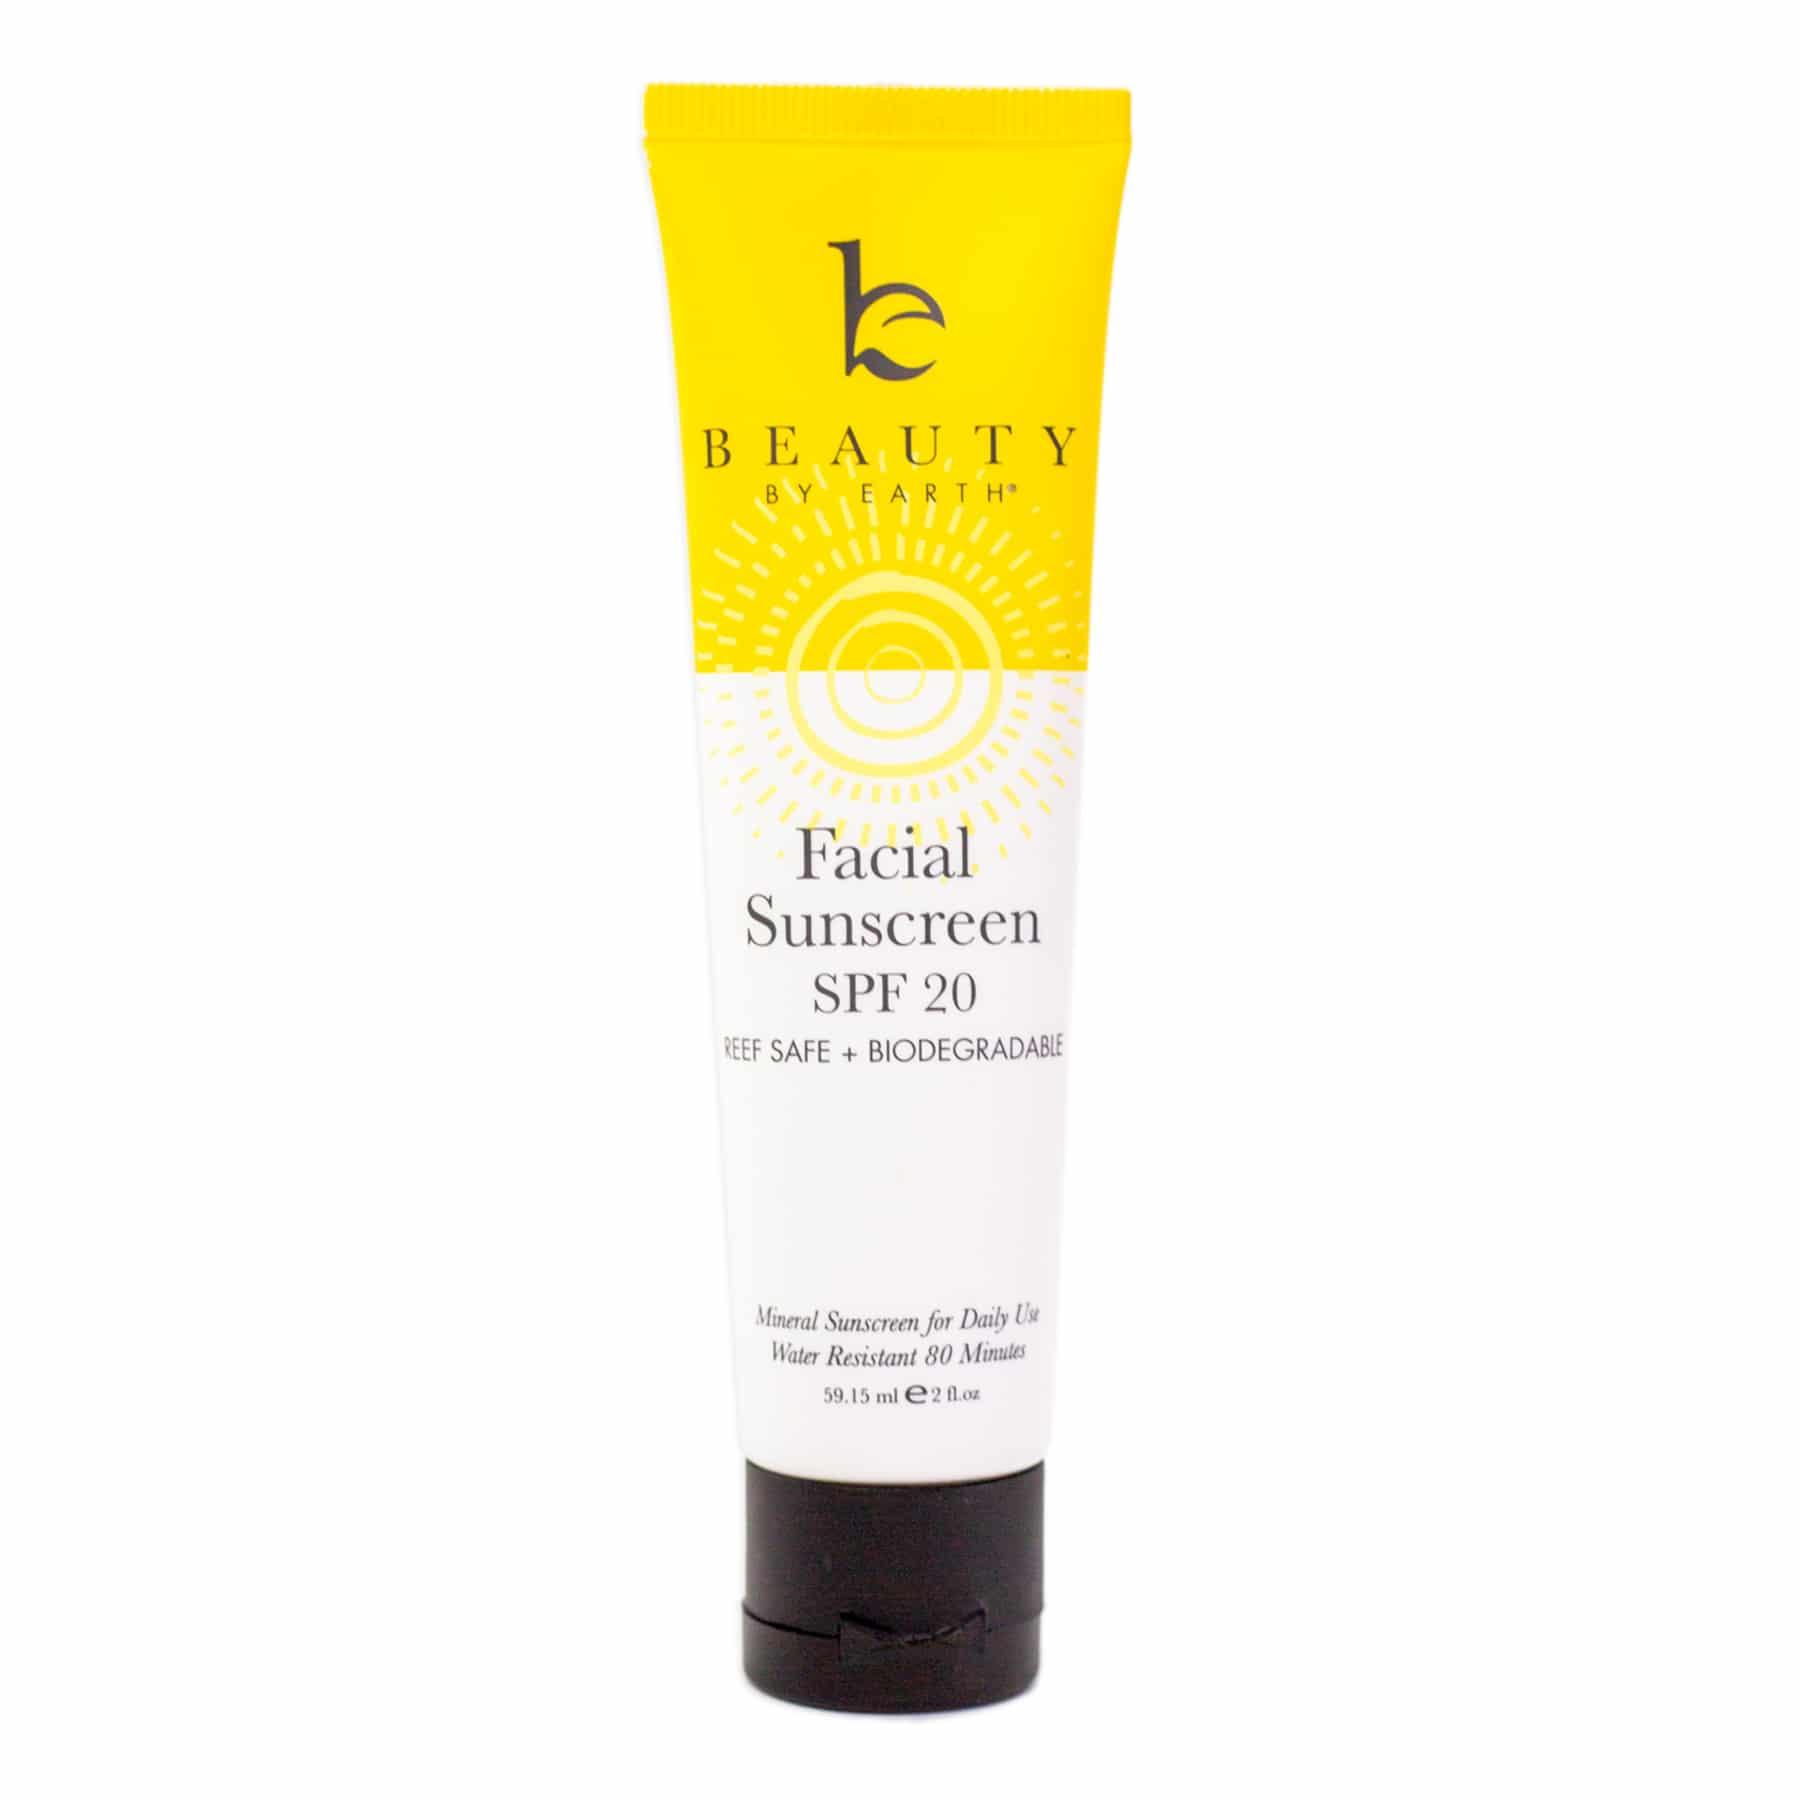 Facial Sunscreen - SPF 20